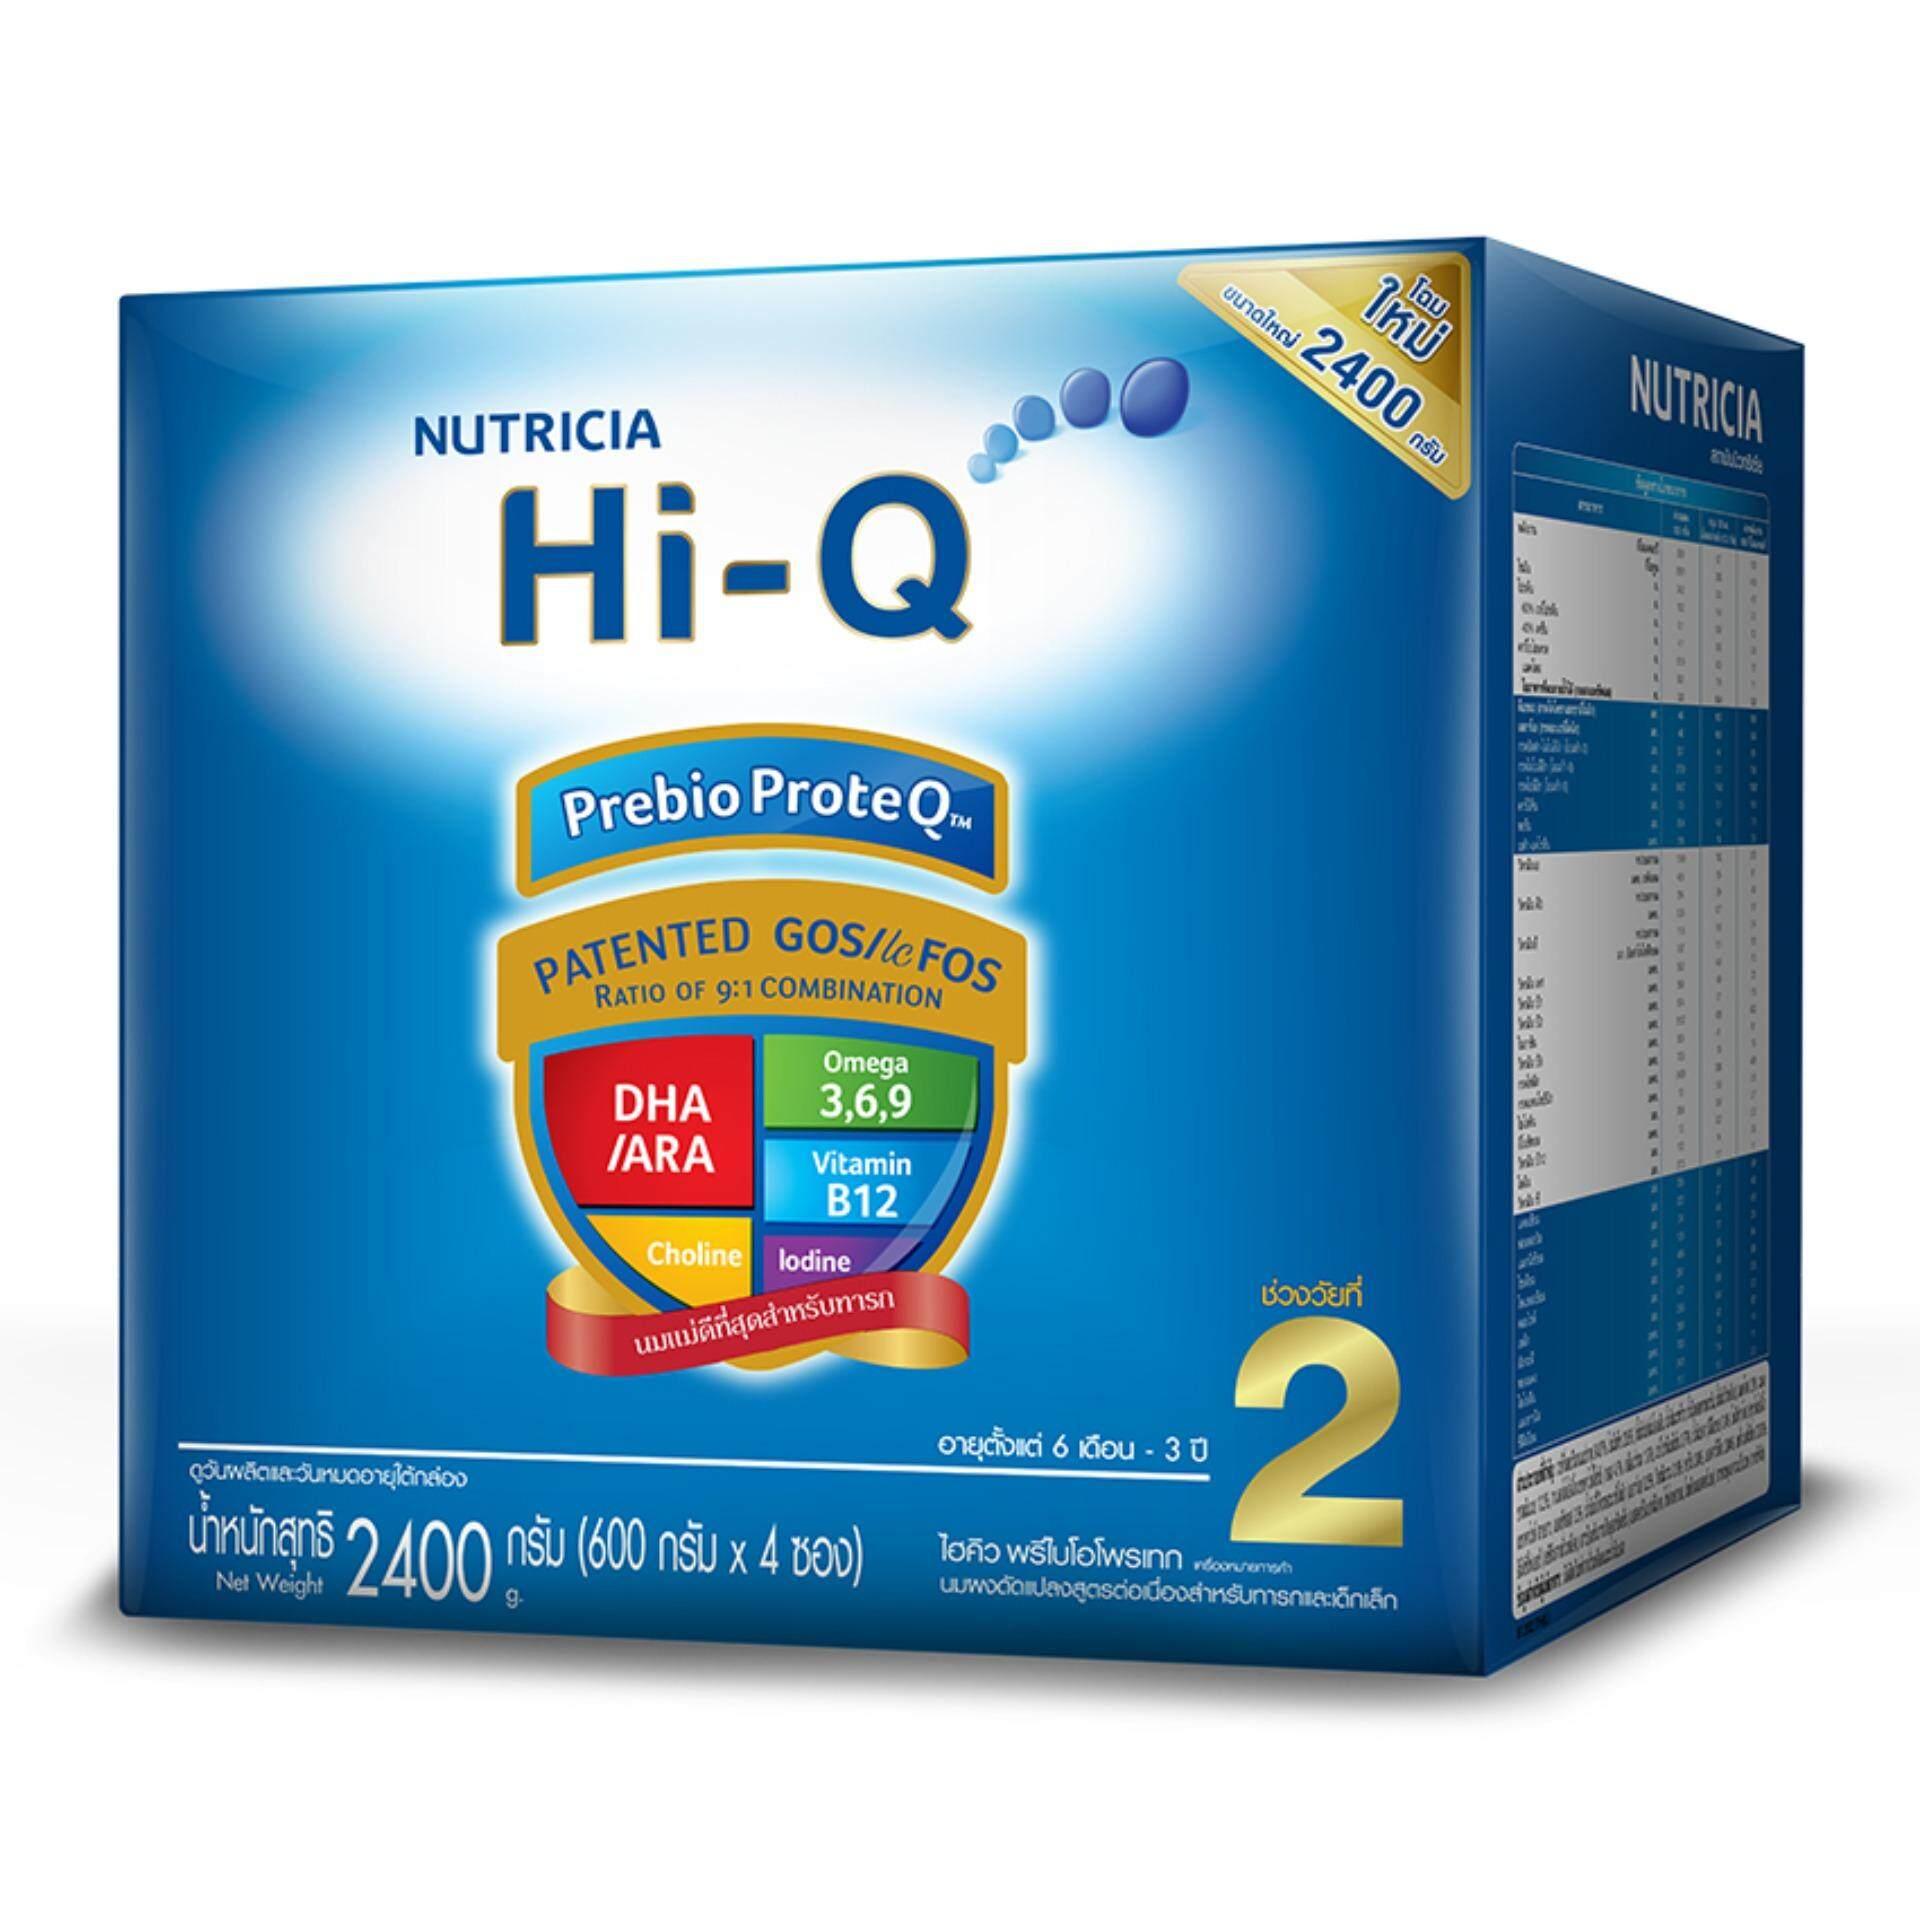 ขาย ซื้อ Hi Q ไฮคิว นมผง พรีไบโอโพรเทก ช่วงวัยที่ 2 รสจืด 2400 กรัม ใน Thailand